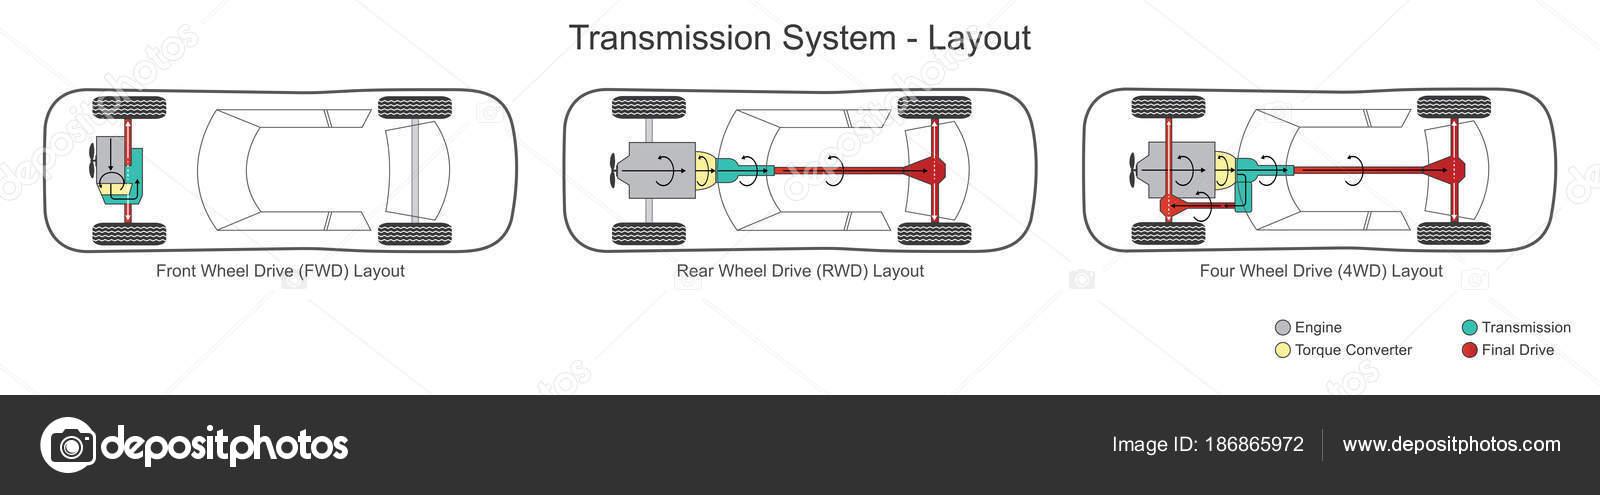 Diseño de sistema de transmisión de coche. Ilustración — Archivo ...